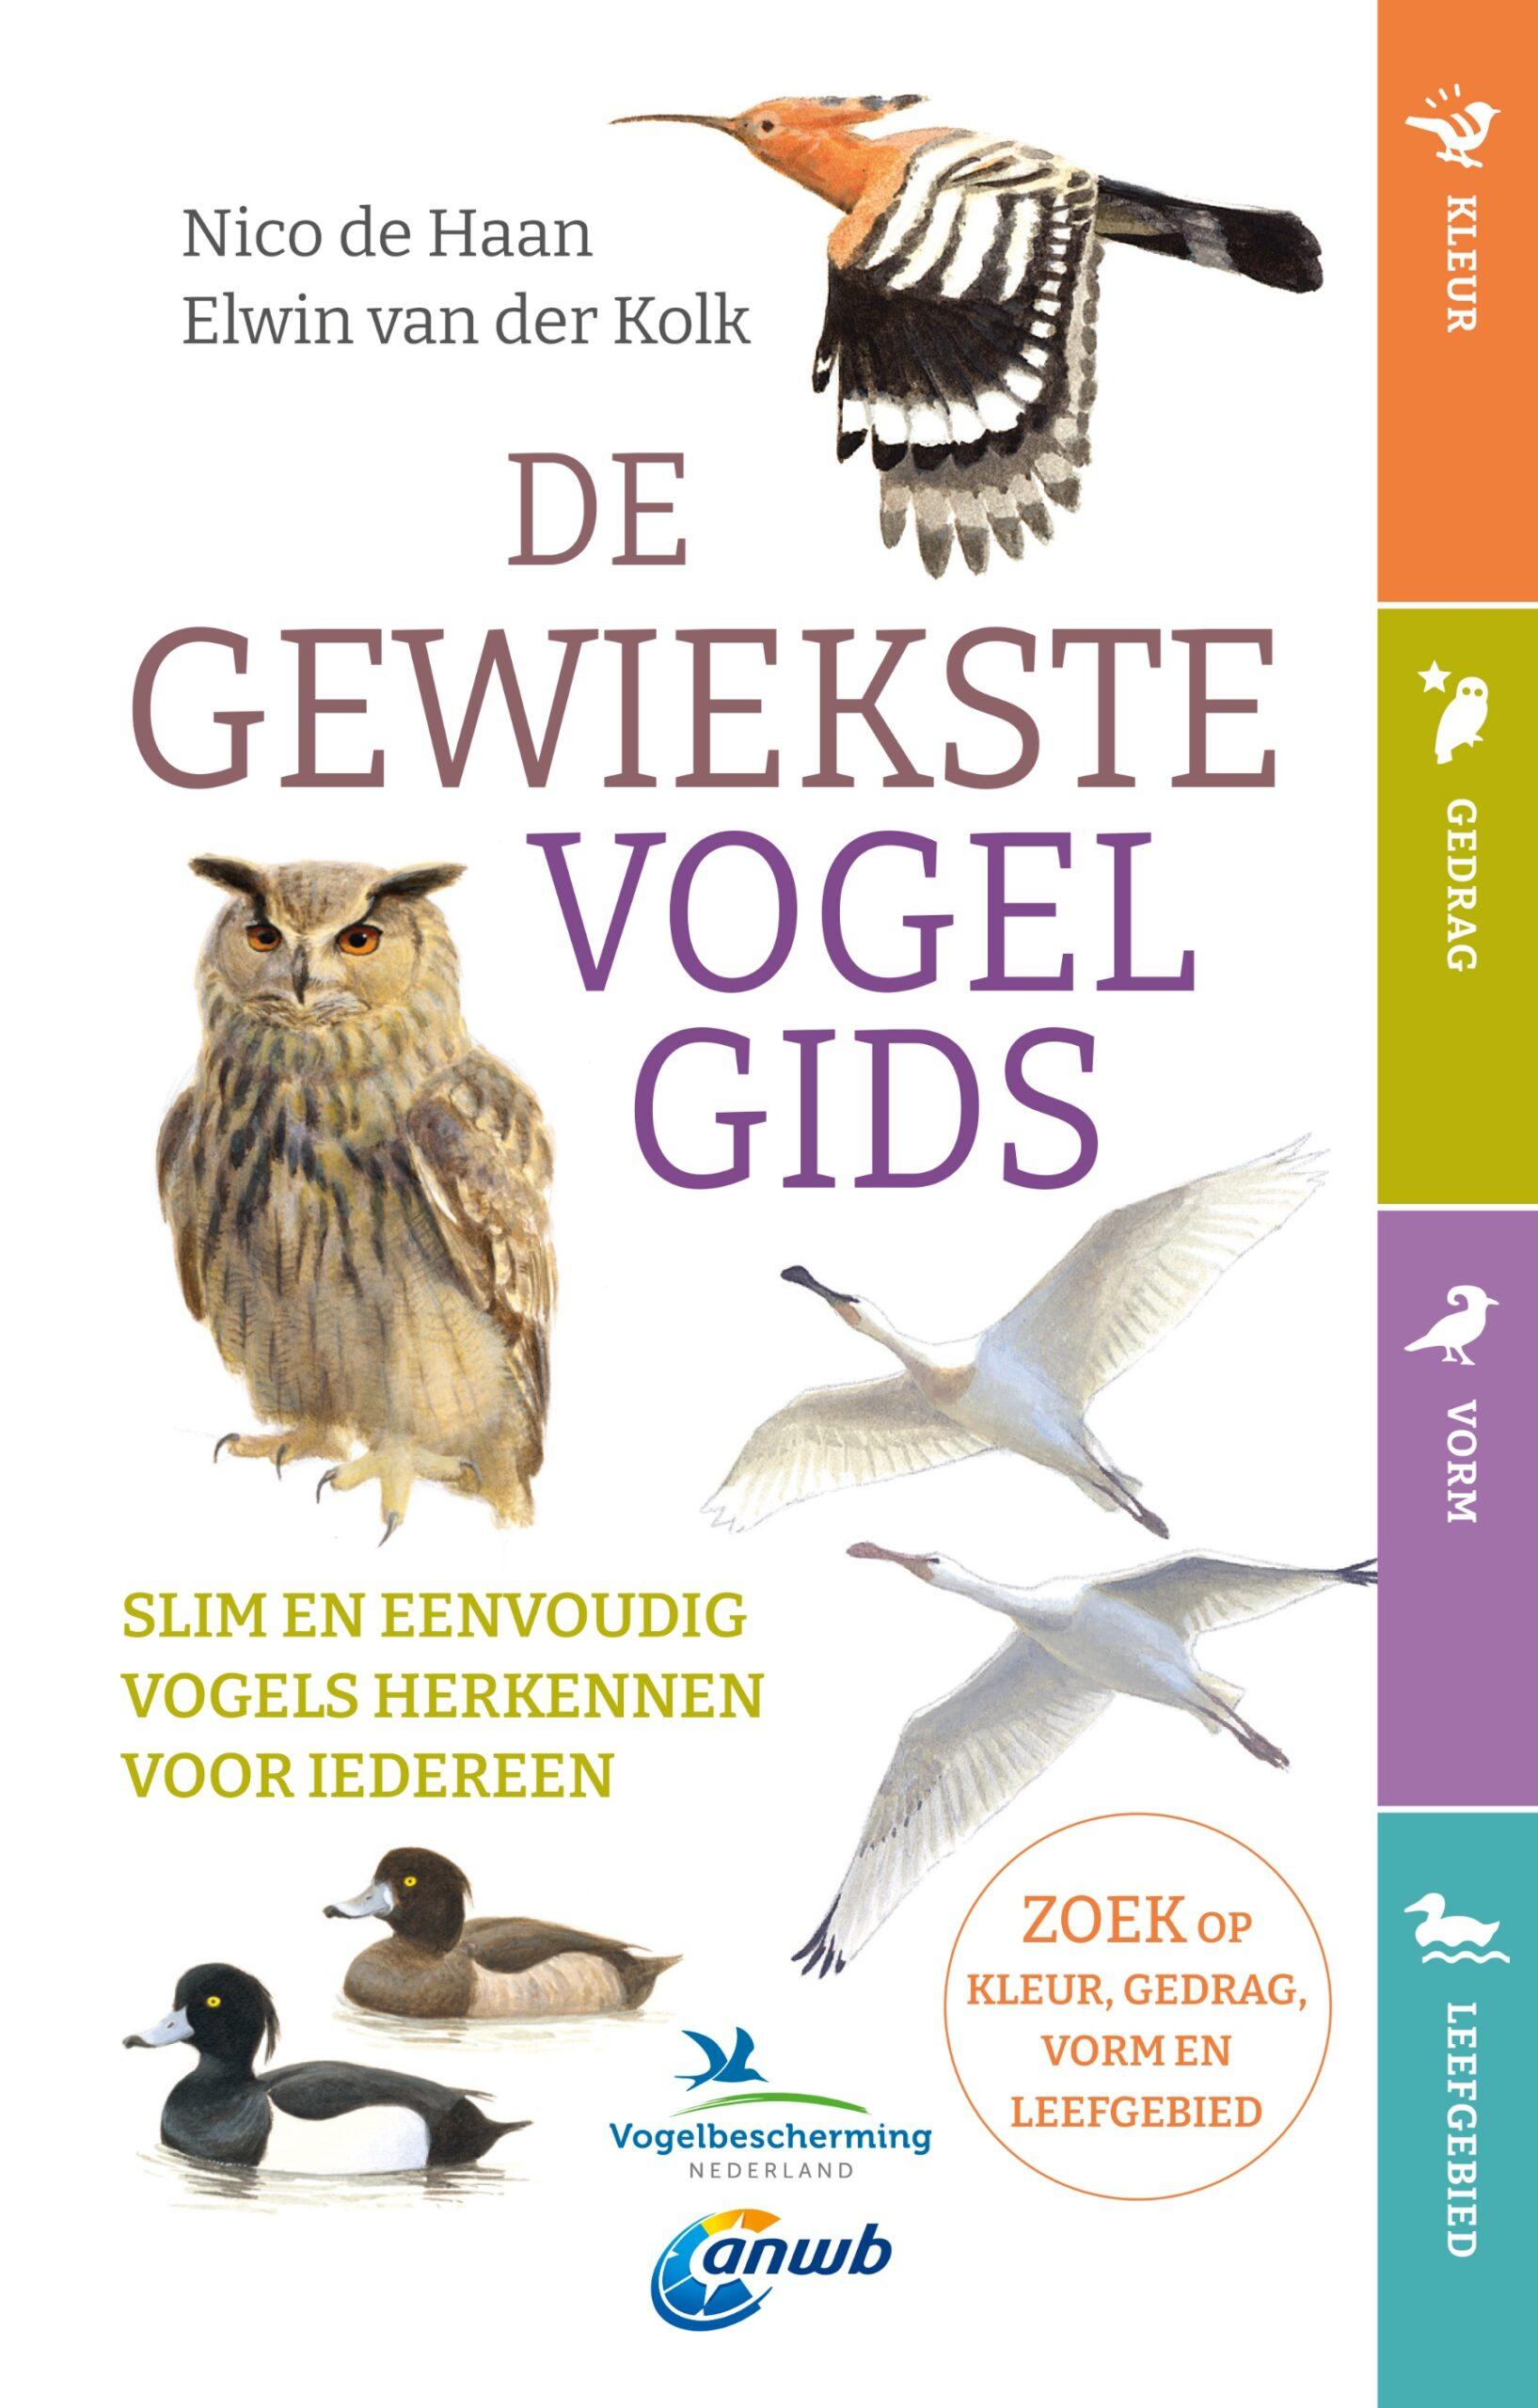 De gewiekste vogelgids - boekenflits